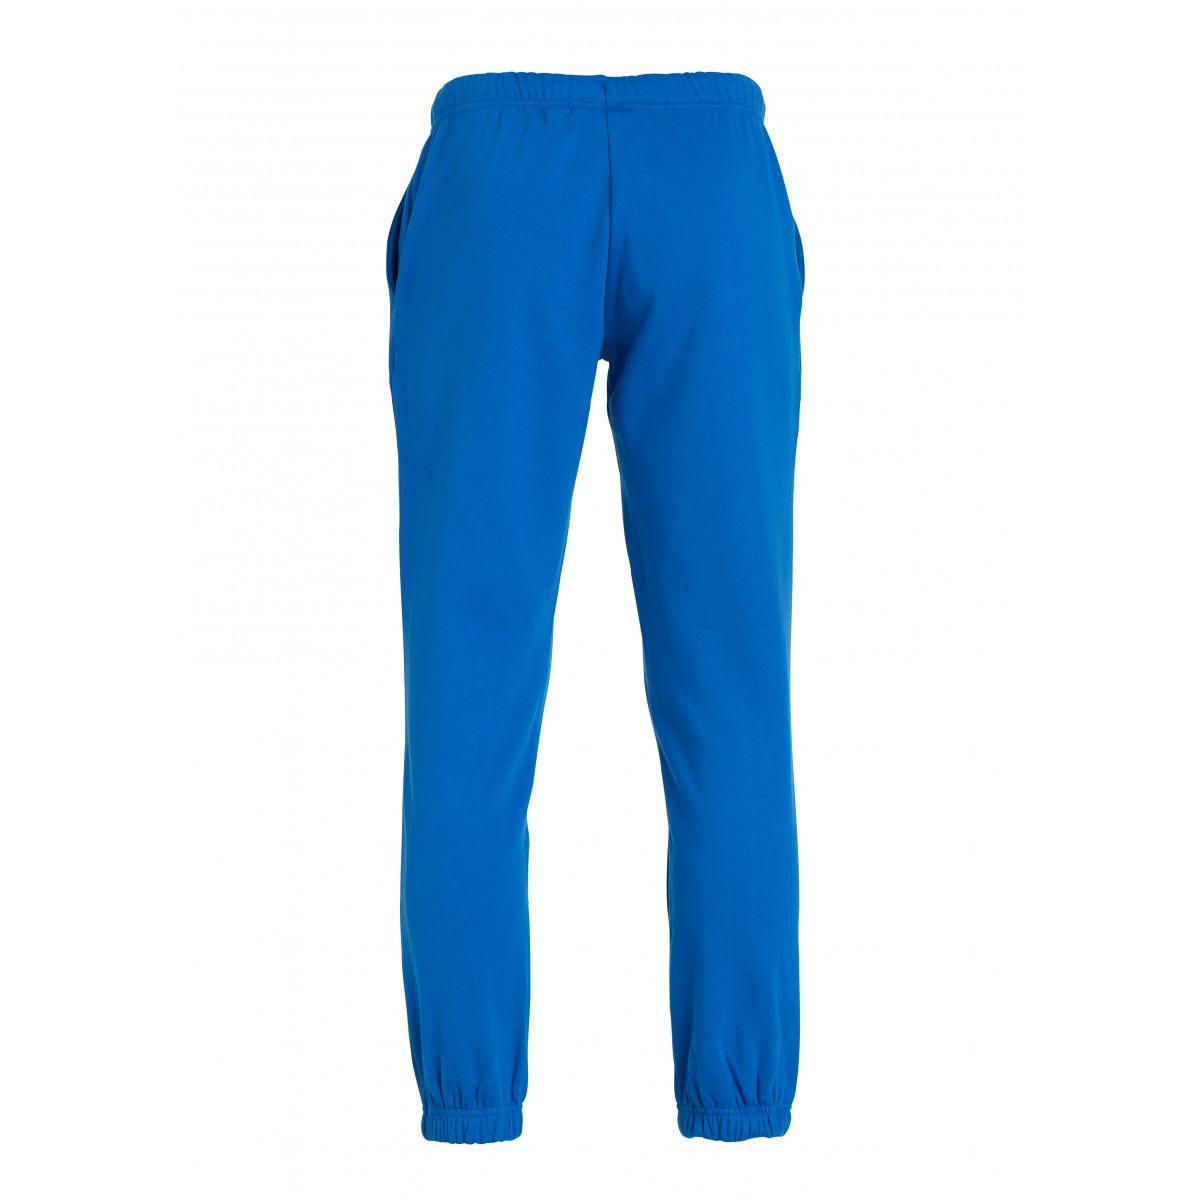 Брюки унисекс 021037 Basic Pants - Ярко-синий